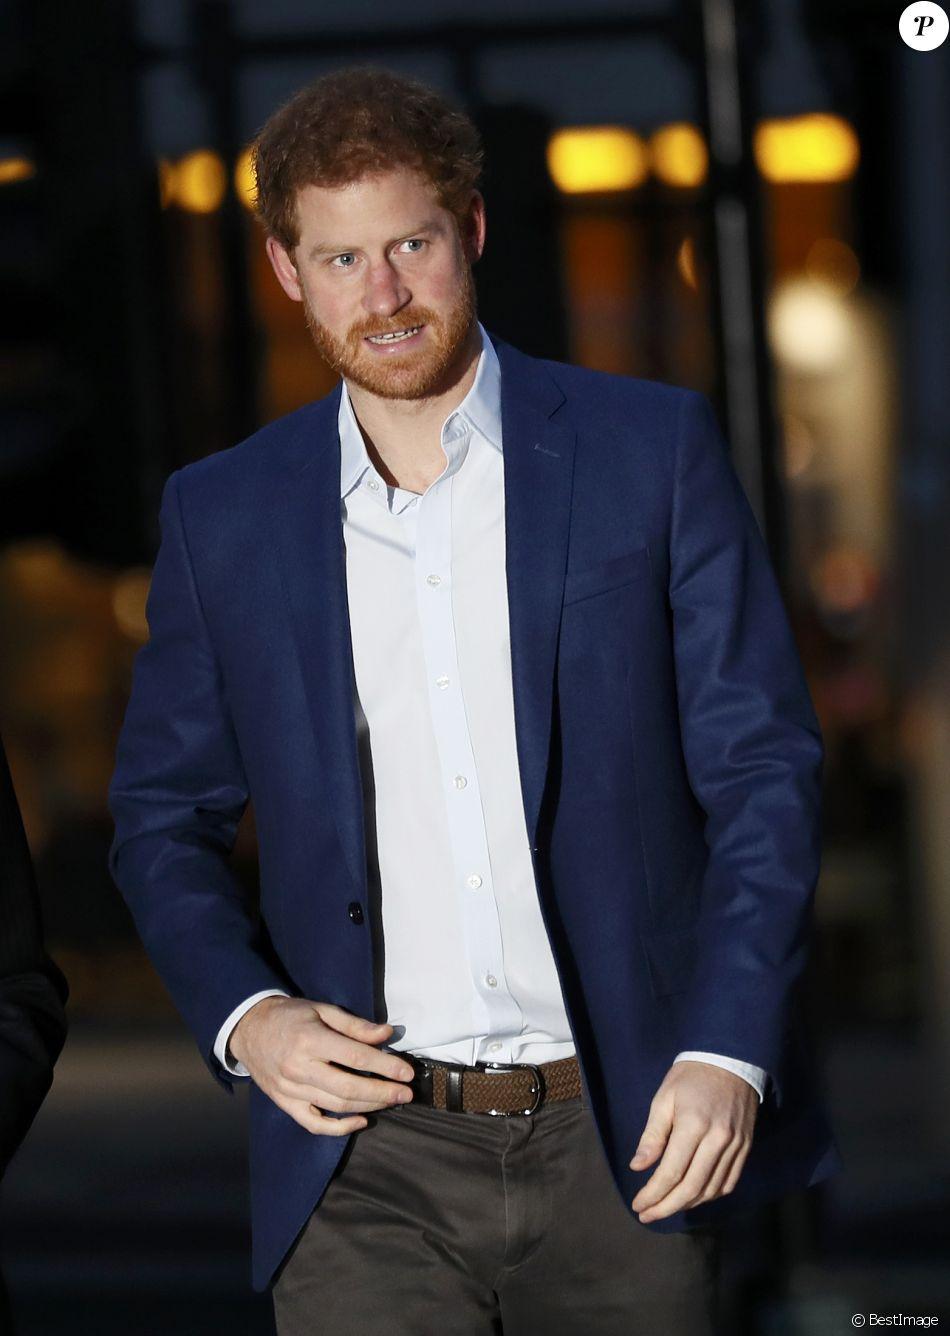 Le prince Harry a rencontré le personnel des services ambulanciers londoniens (London Ambulance Service) de Waterloo Road le 2 février 2017, au lendemain d'un dîner romantique avec sa compagne Meghan Markle au SoHo House.